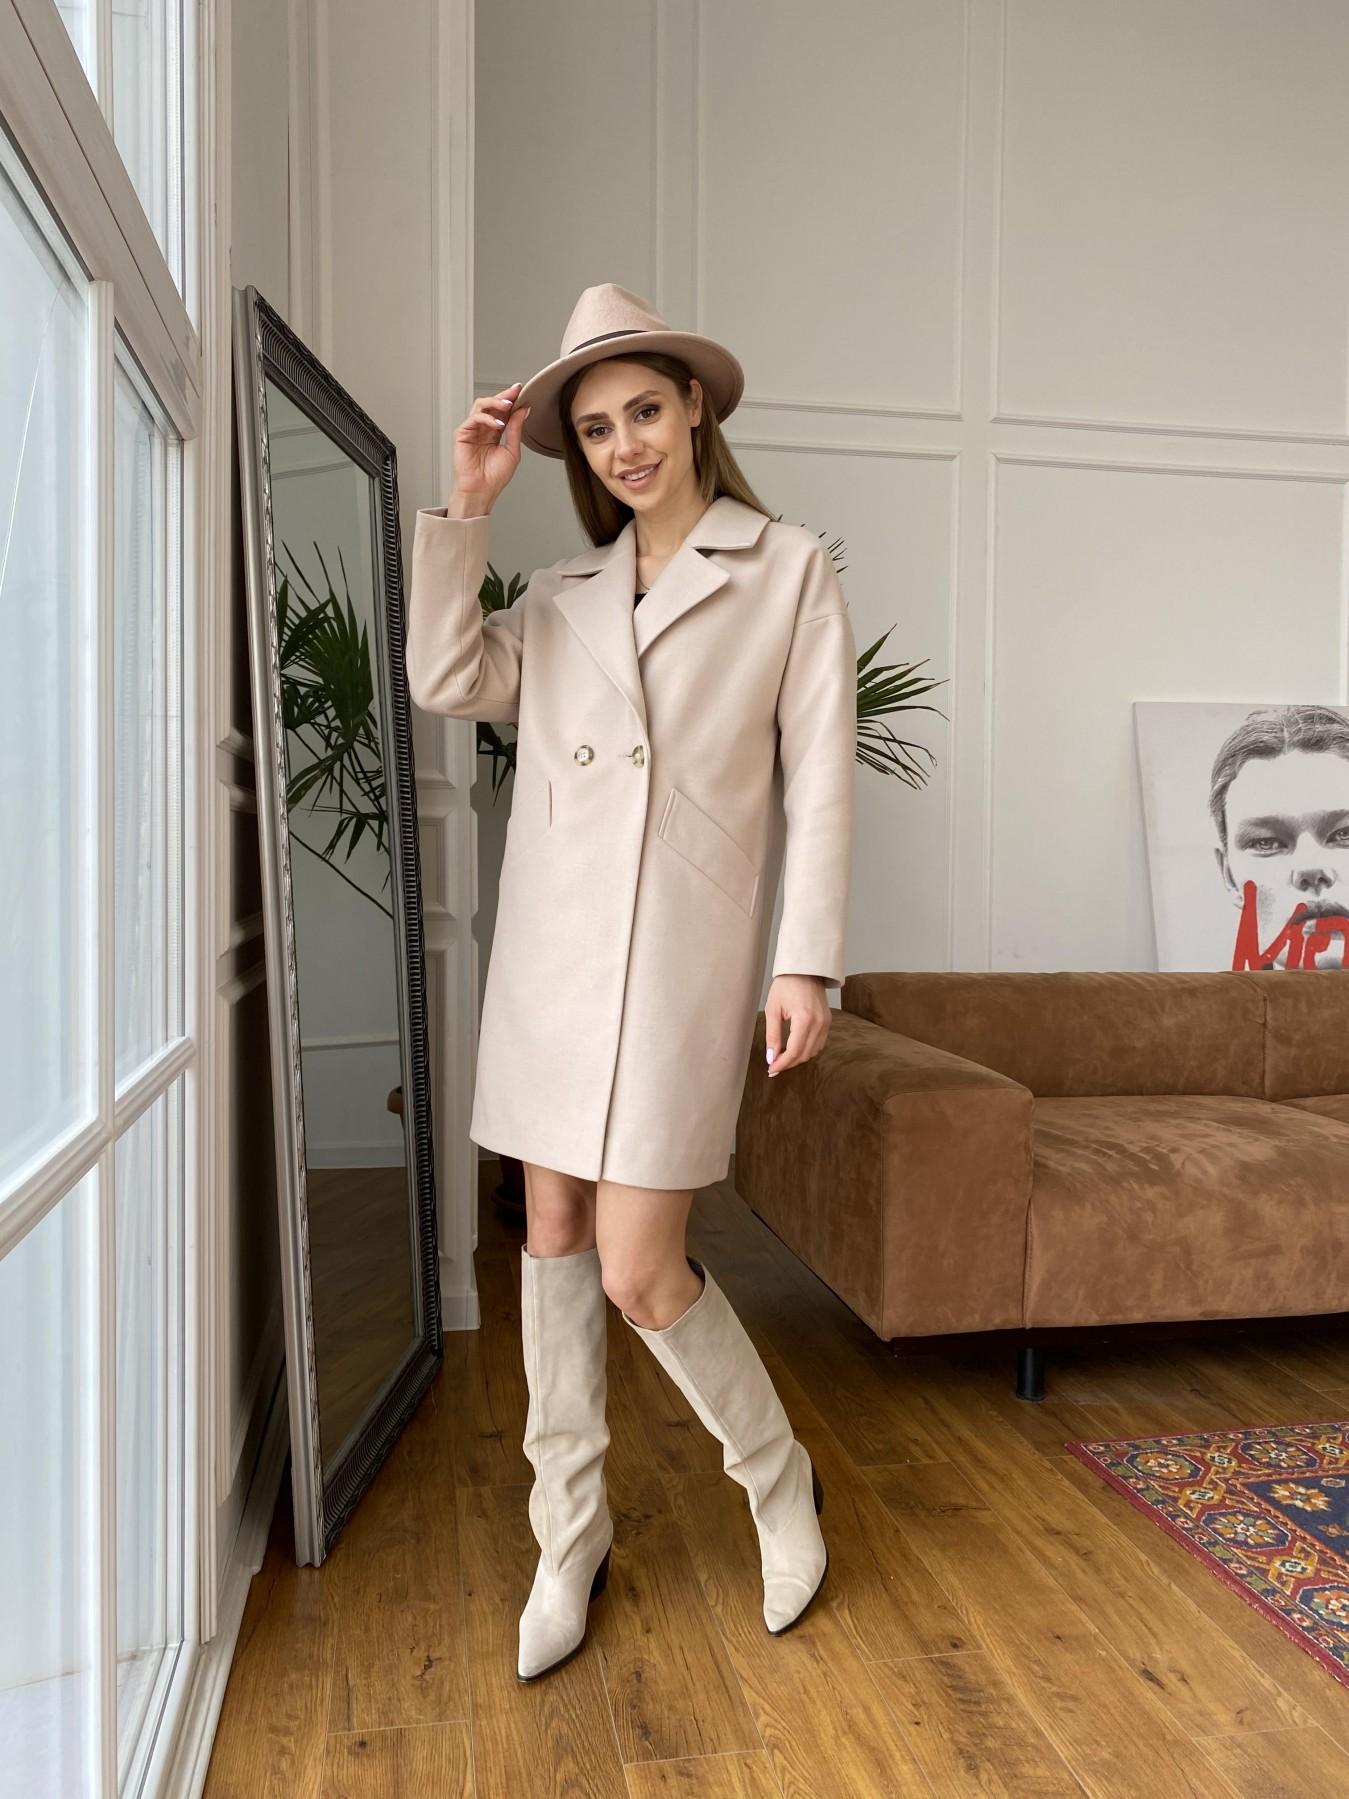 Сенсей пальто  из гладкого кашемира 10905 АРТ. 47373 Цвет: Бежевый - фото 1, интернет магазин tm-modus.ru